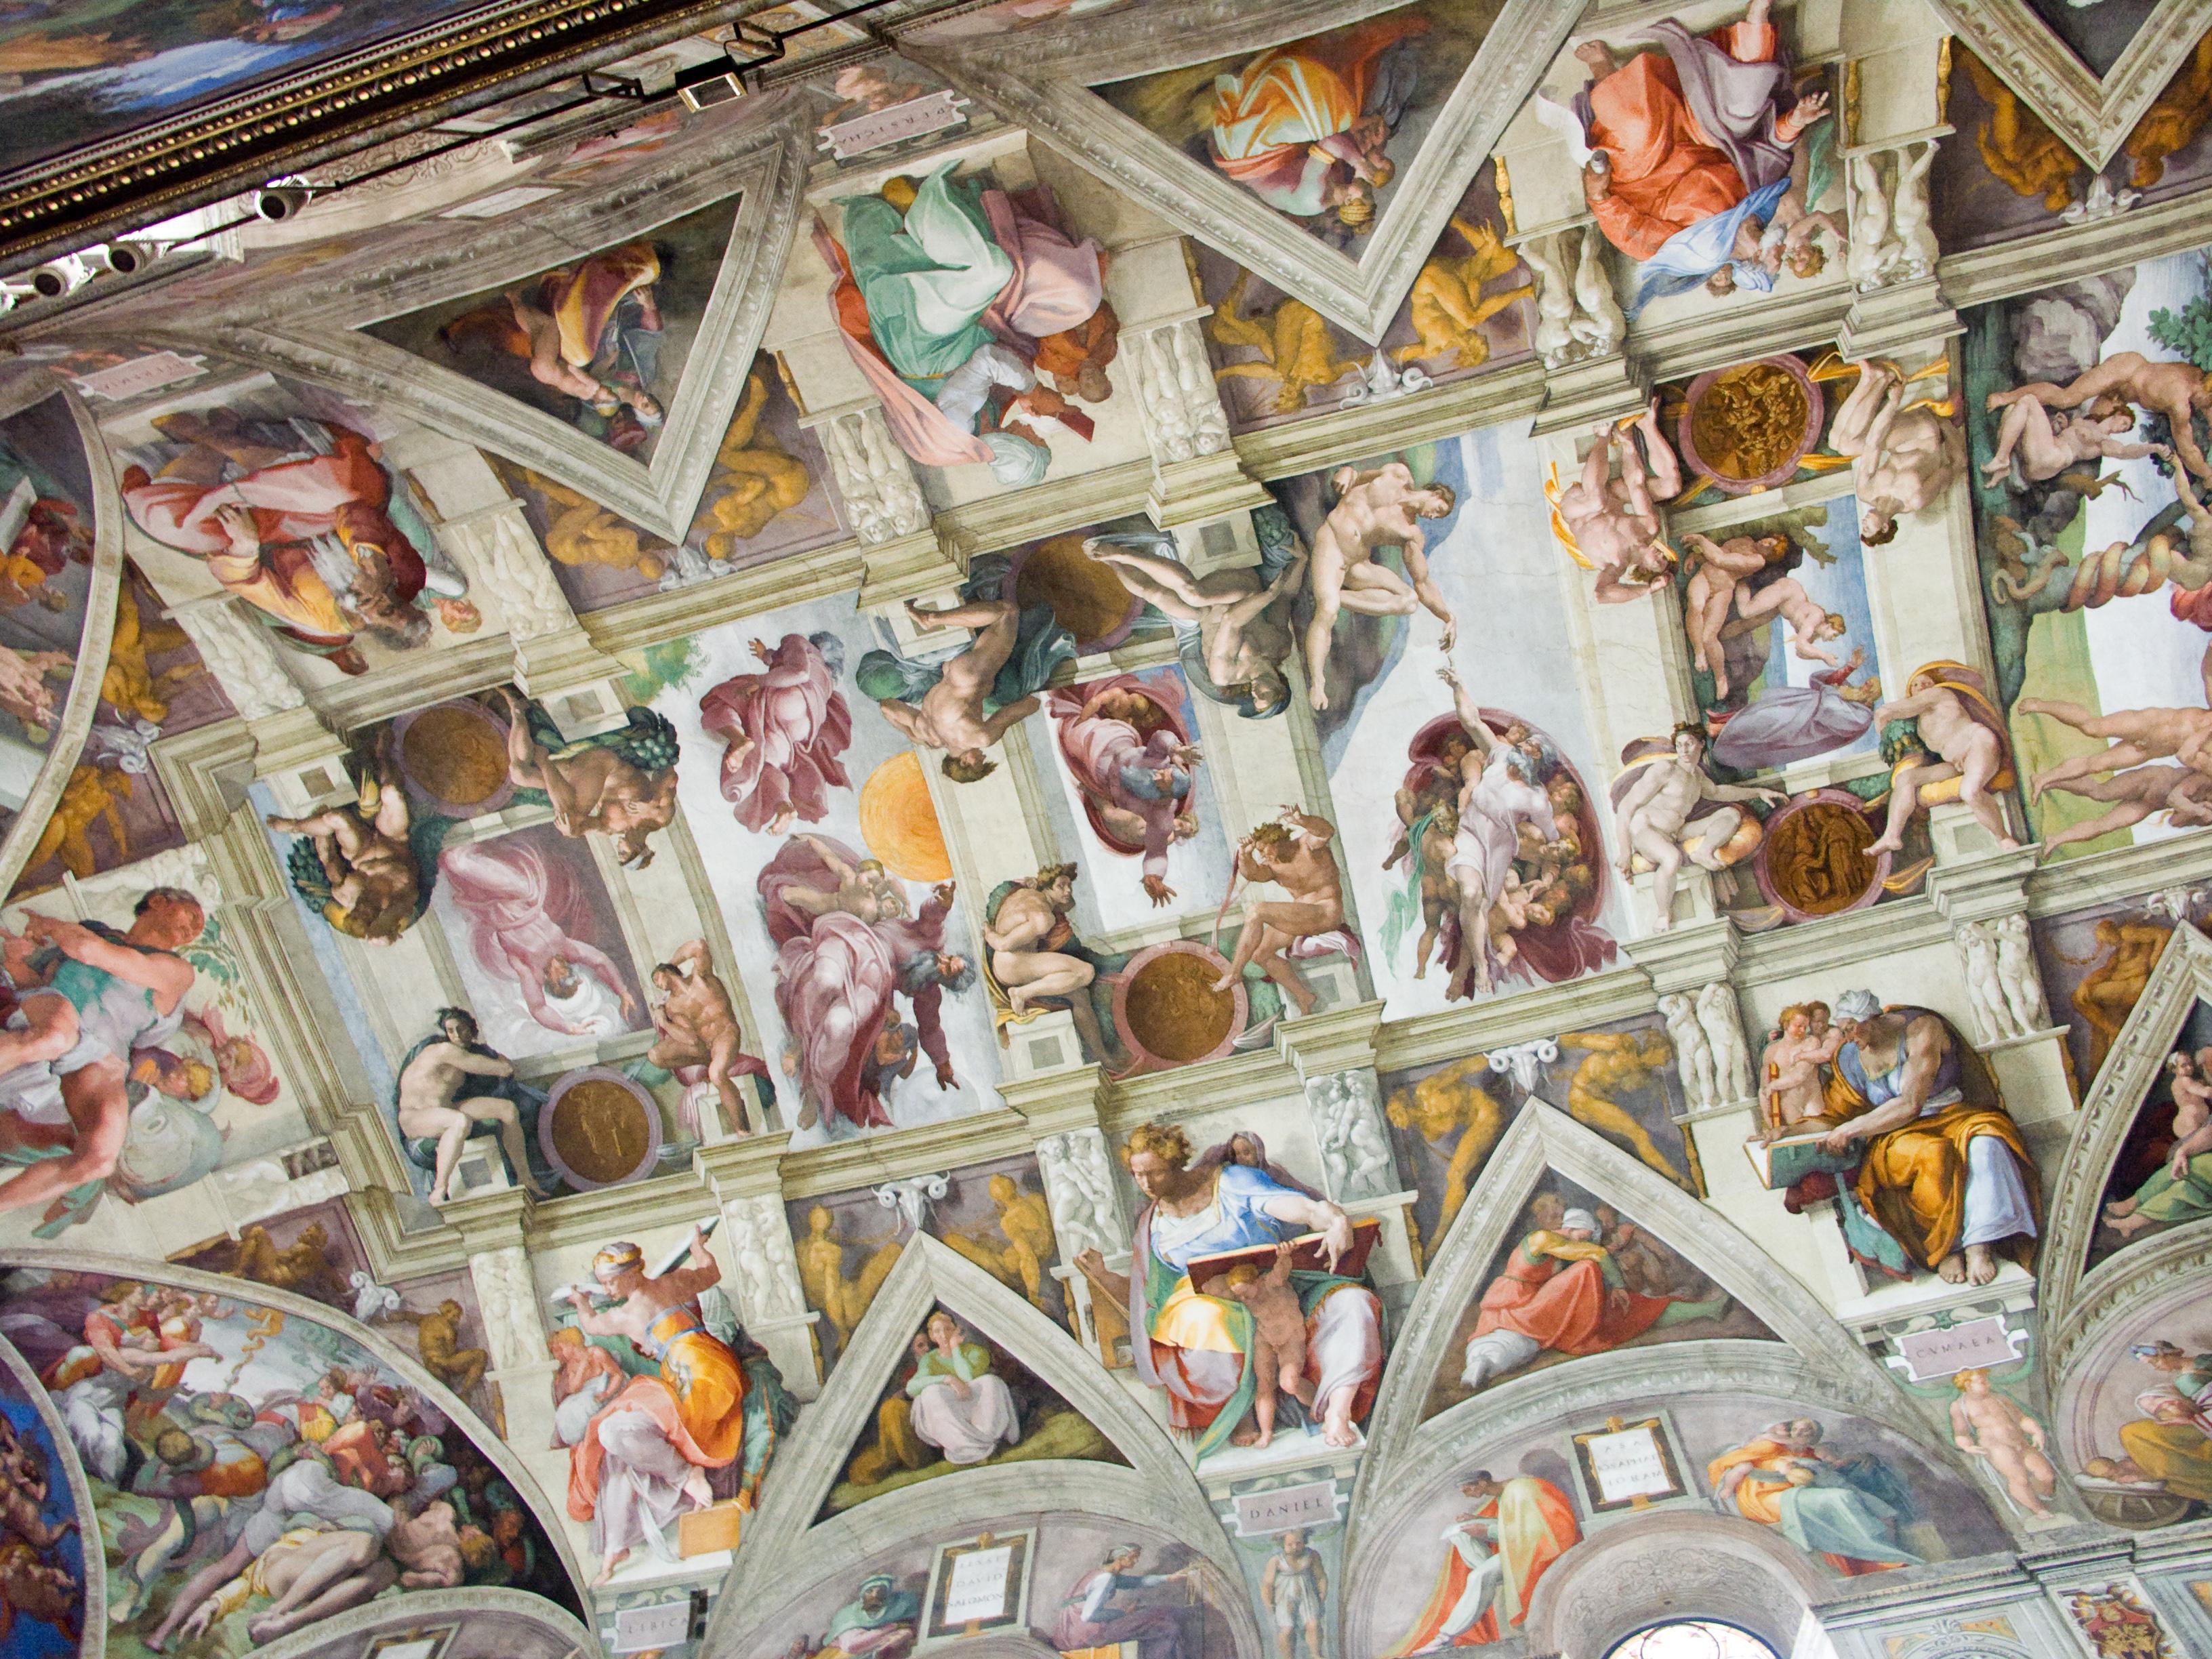 File:Vatican-ChapelleSixtine-Plafond.jpg - Wikimedia Commons